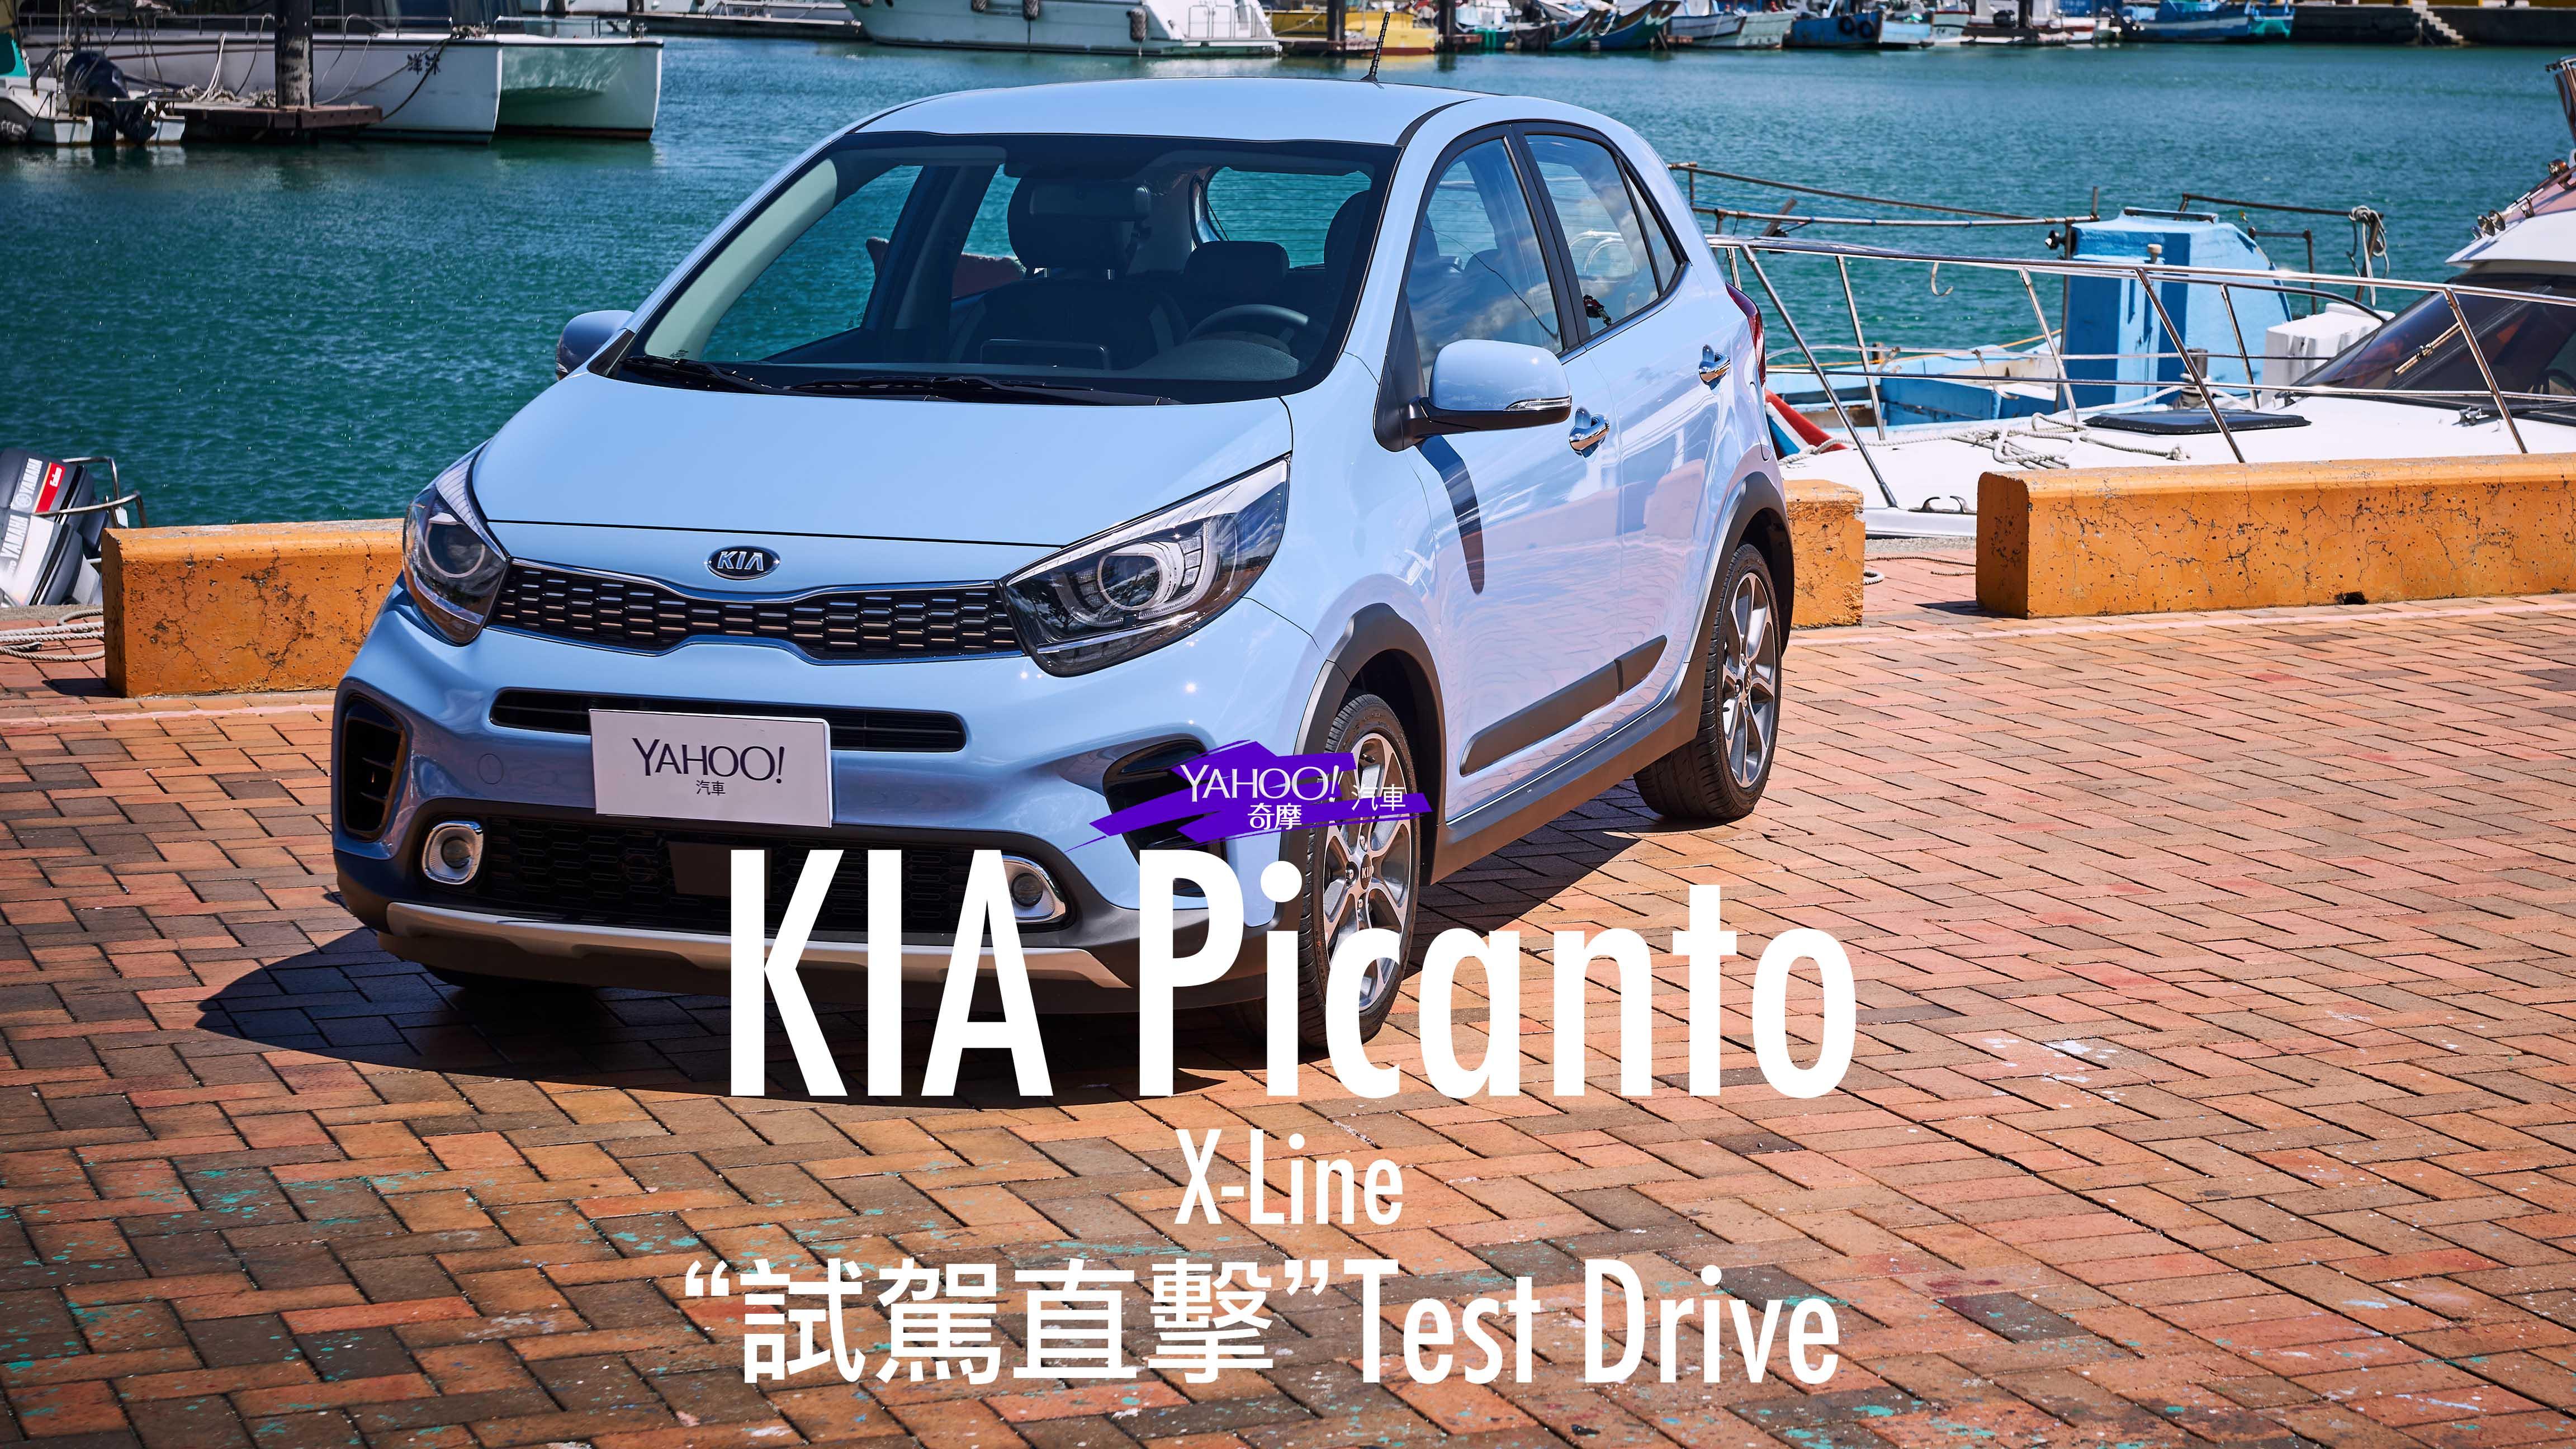 【試駕直擊】衝擊市場的俐落奶油刀! 最強入門車款Kia Picanto X-Line淡水試駕